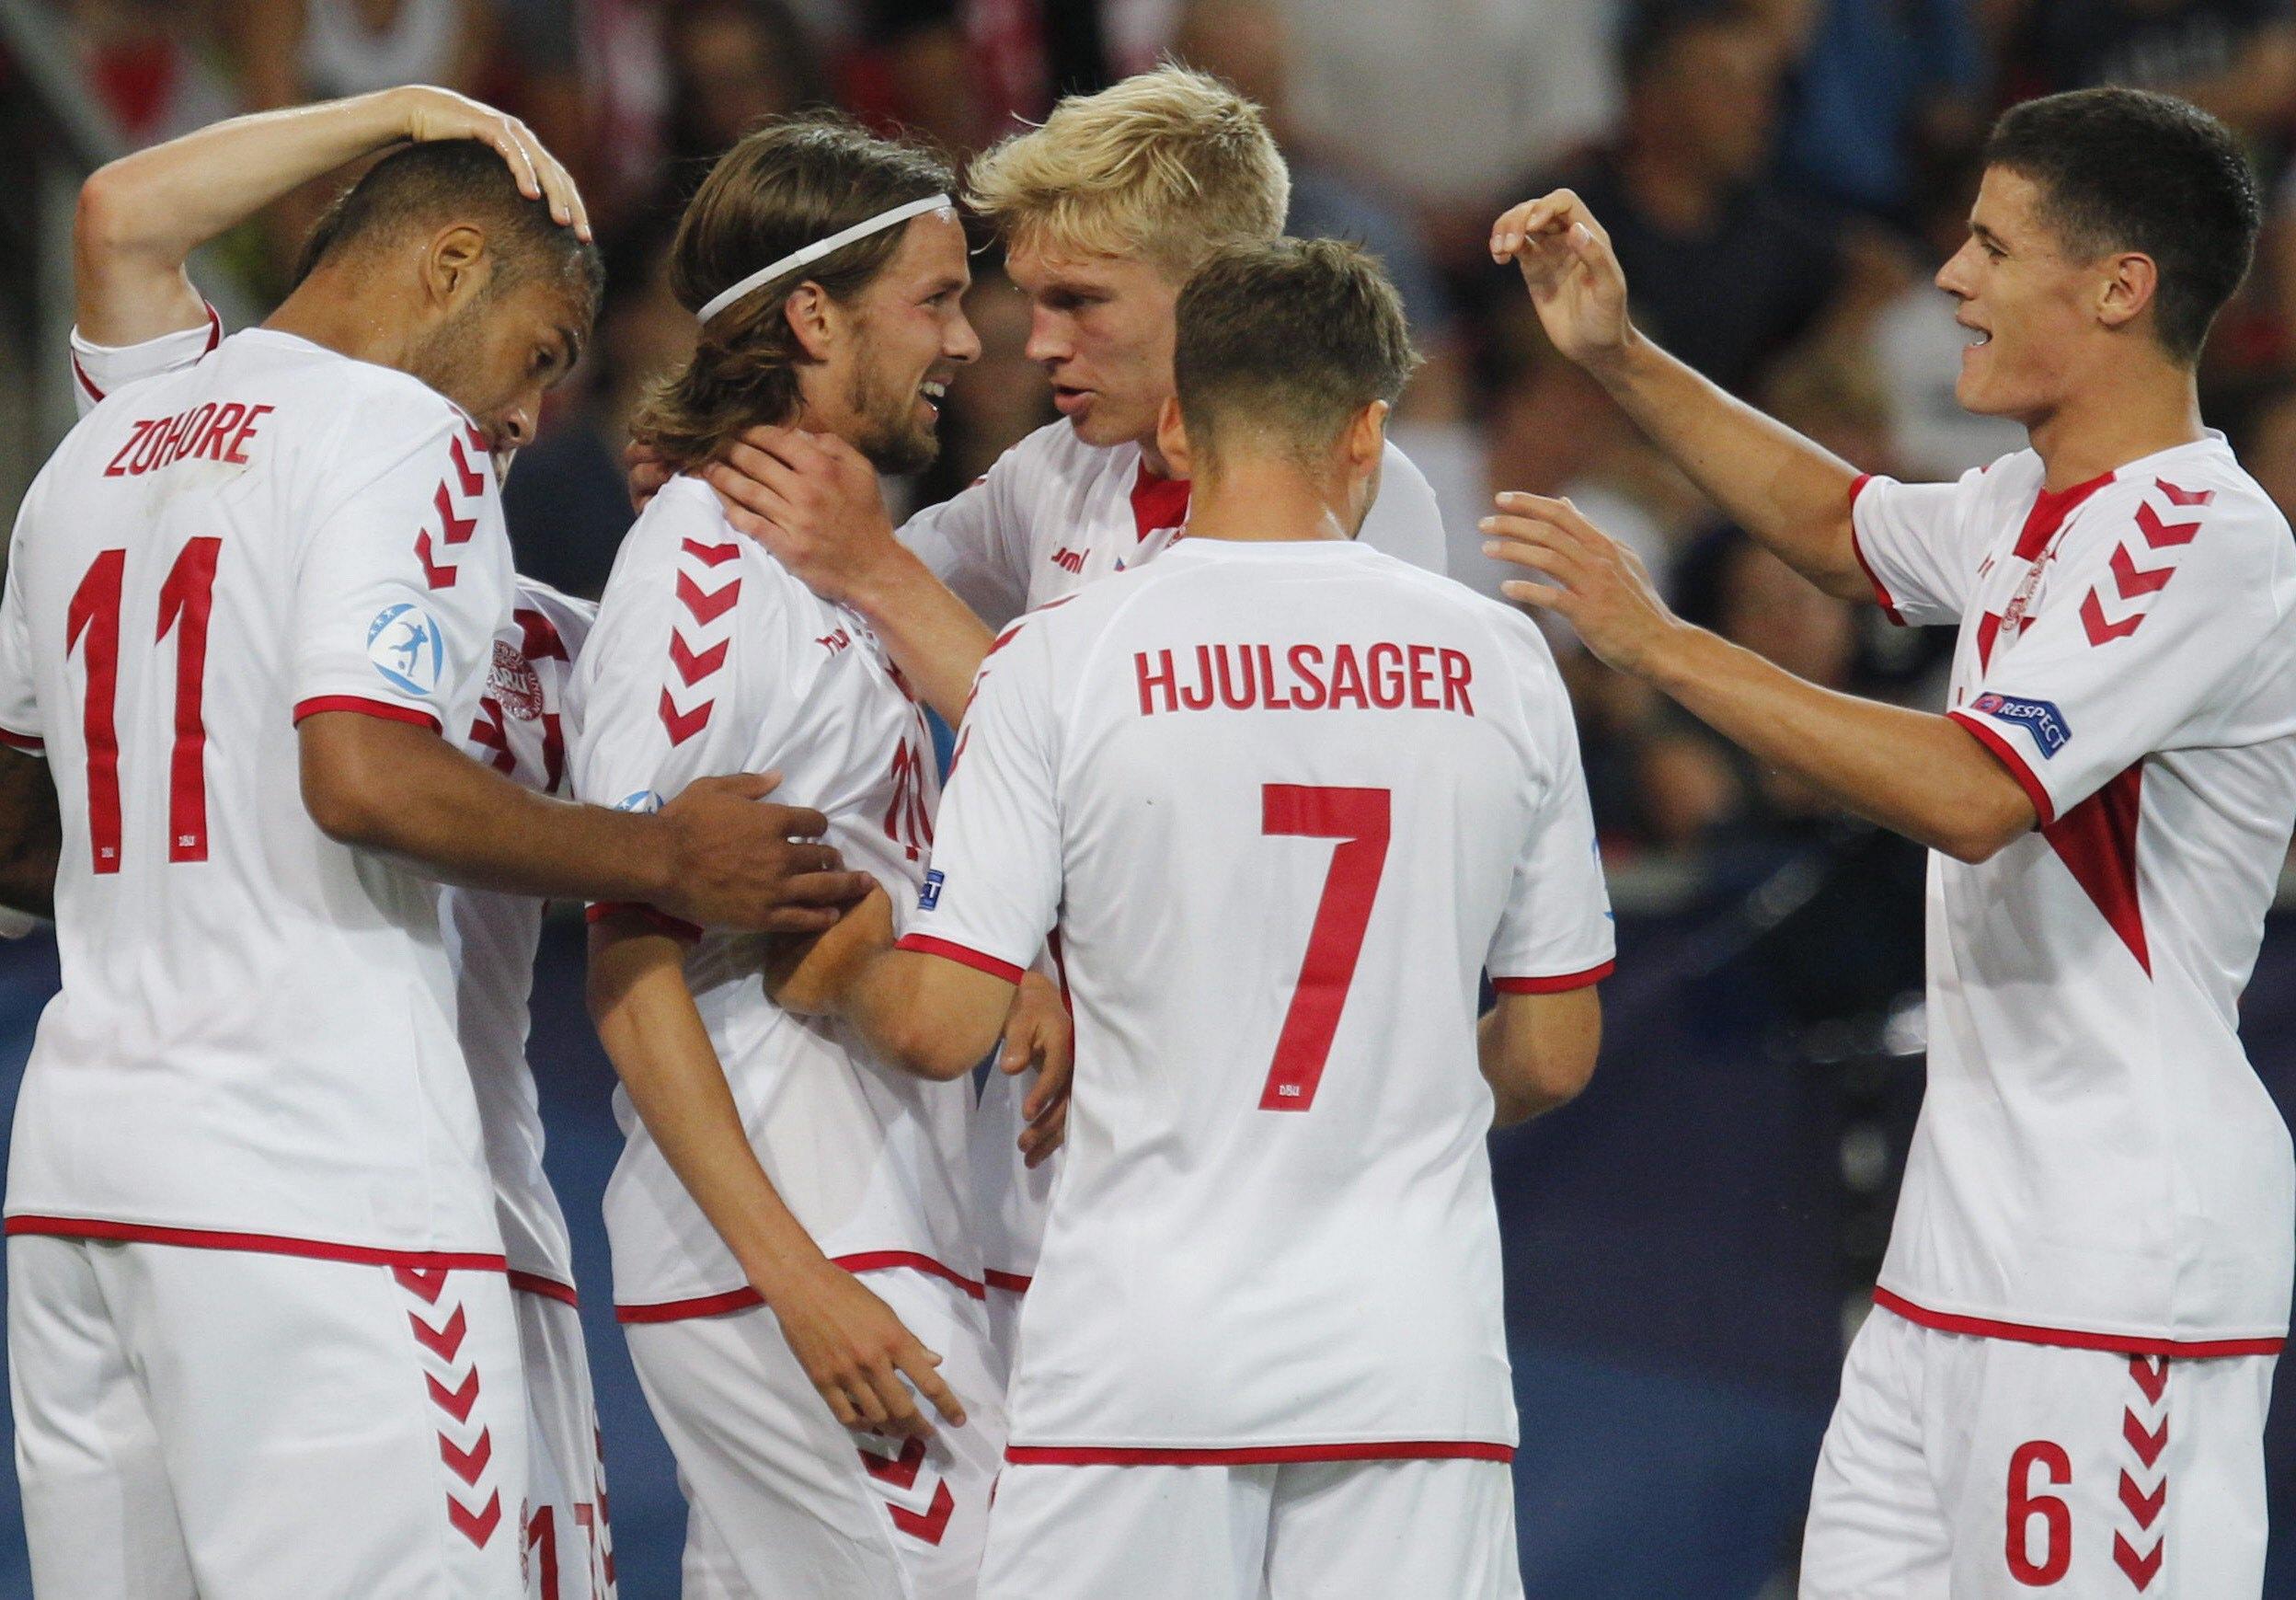 Repubblica Ceca-Danimarca 2-4, highlights Europeo Under 21: Zohore doppietta